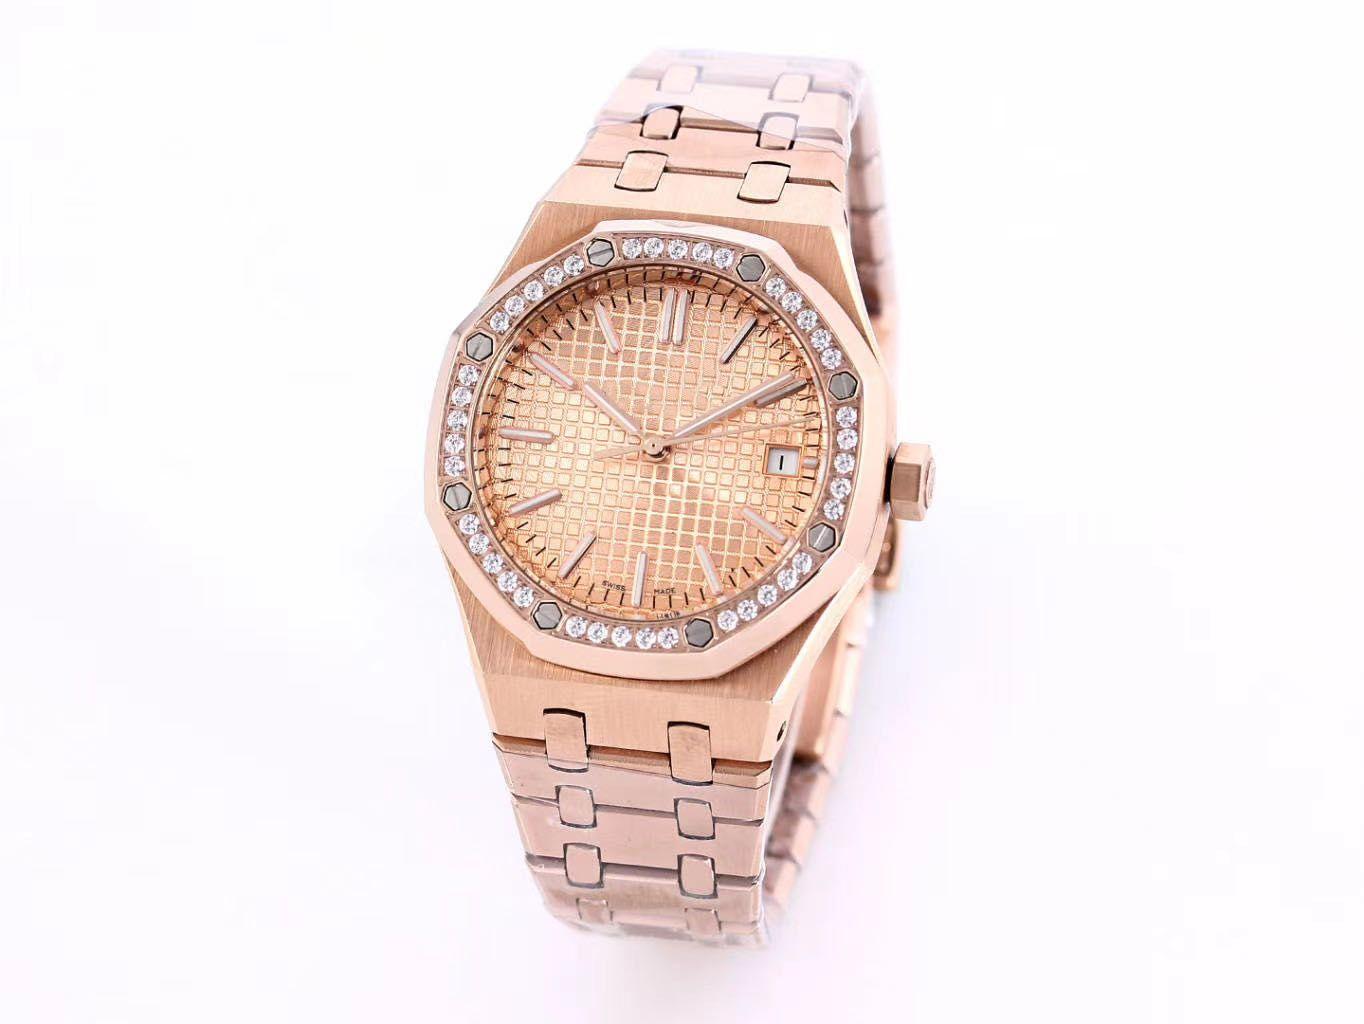 Роскошные механические часы 37 мм матовый материал, сверло кольцо, автоматическое механическое движение, классические трехгольные женские механические часы